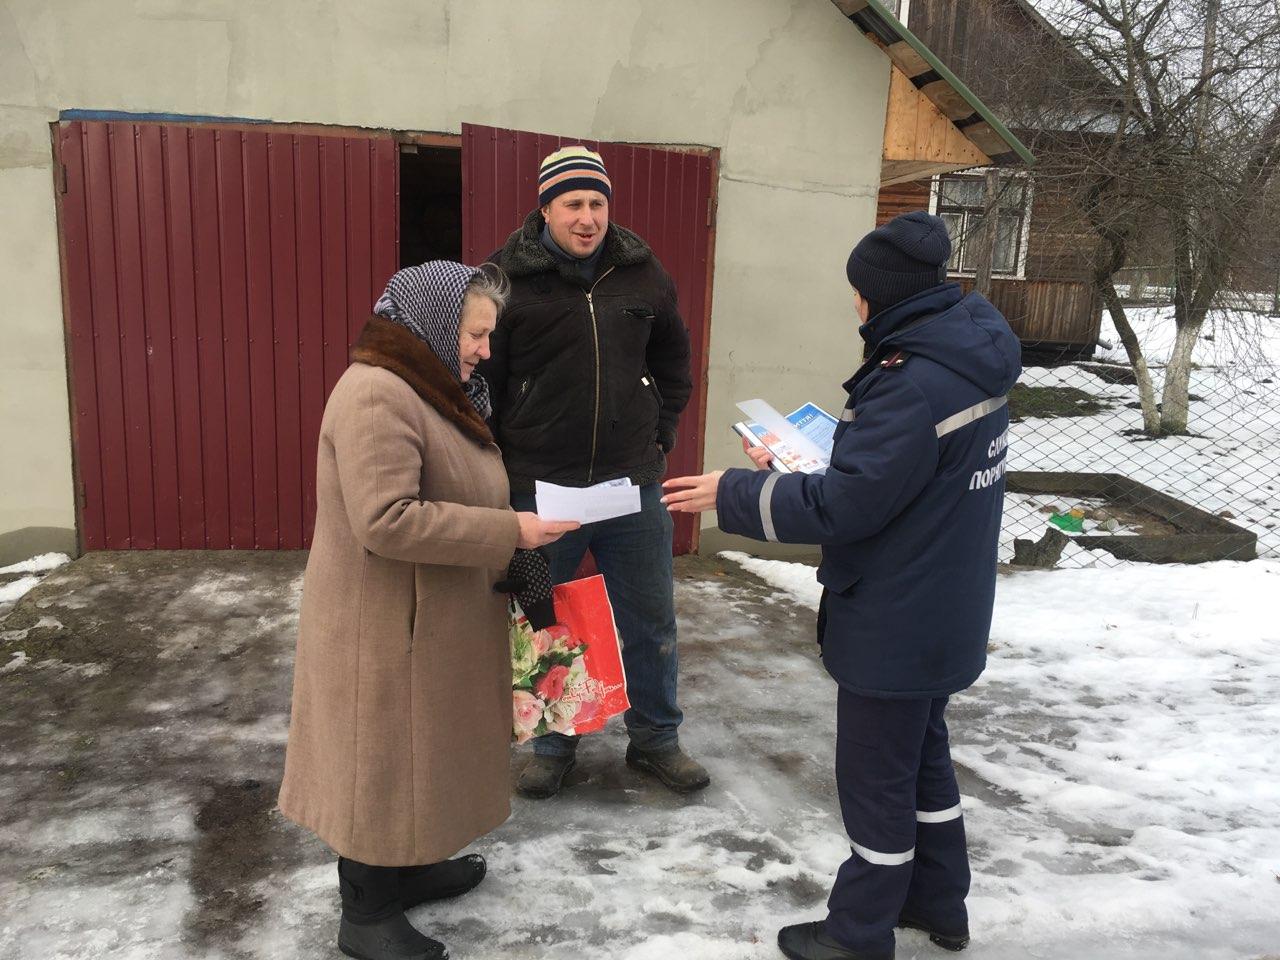 Волинські рятувальники навчали громадян правил безпеки у побуті і на замерзлих водоймах